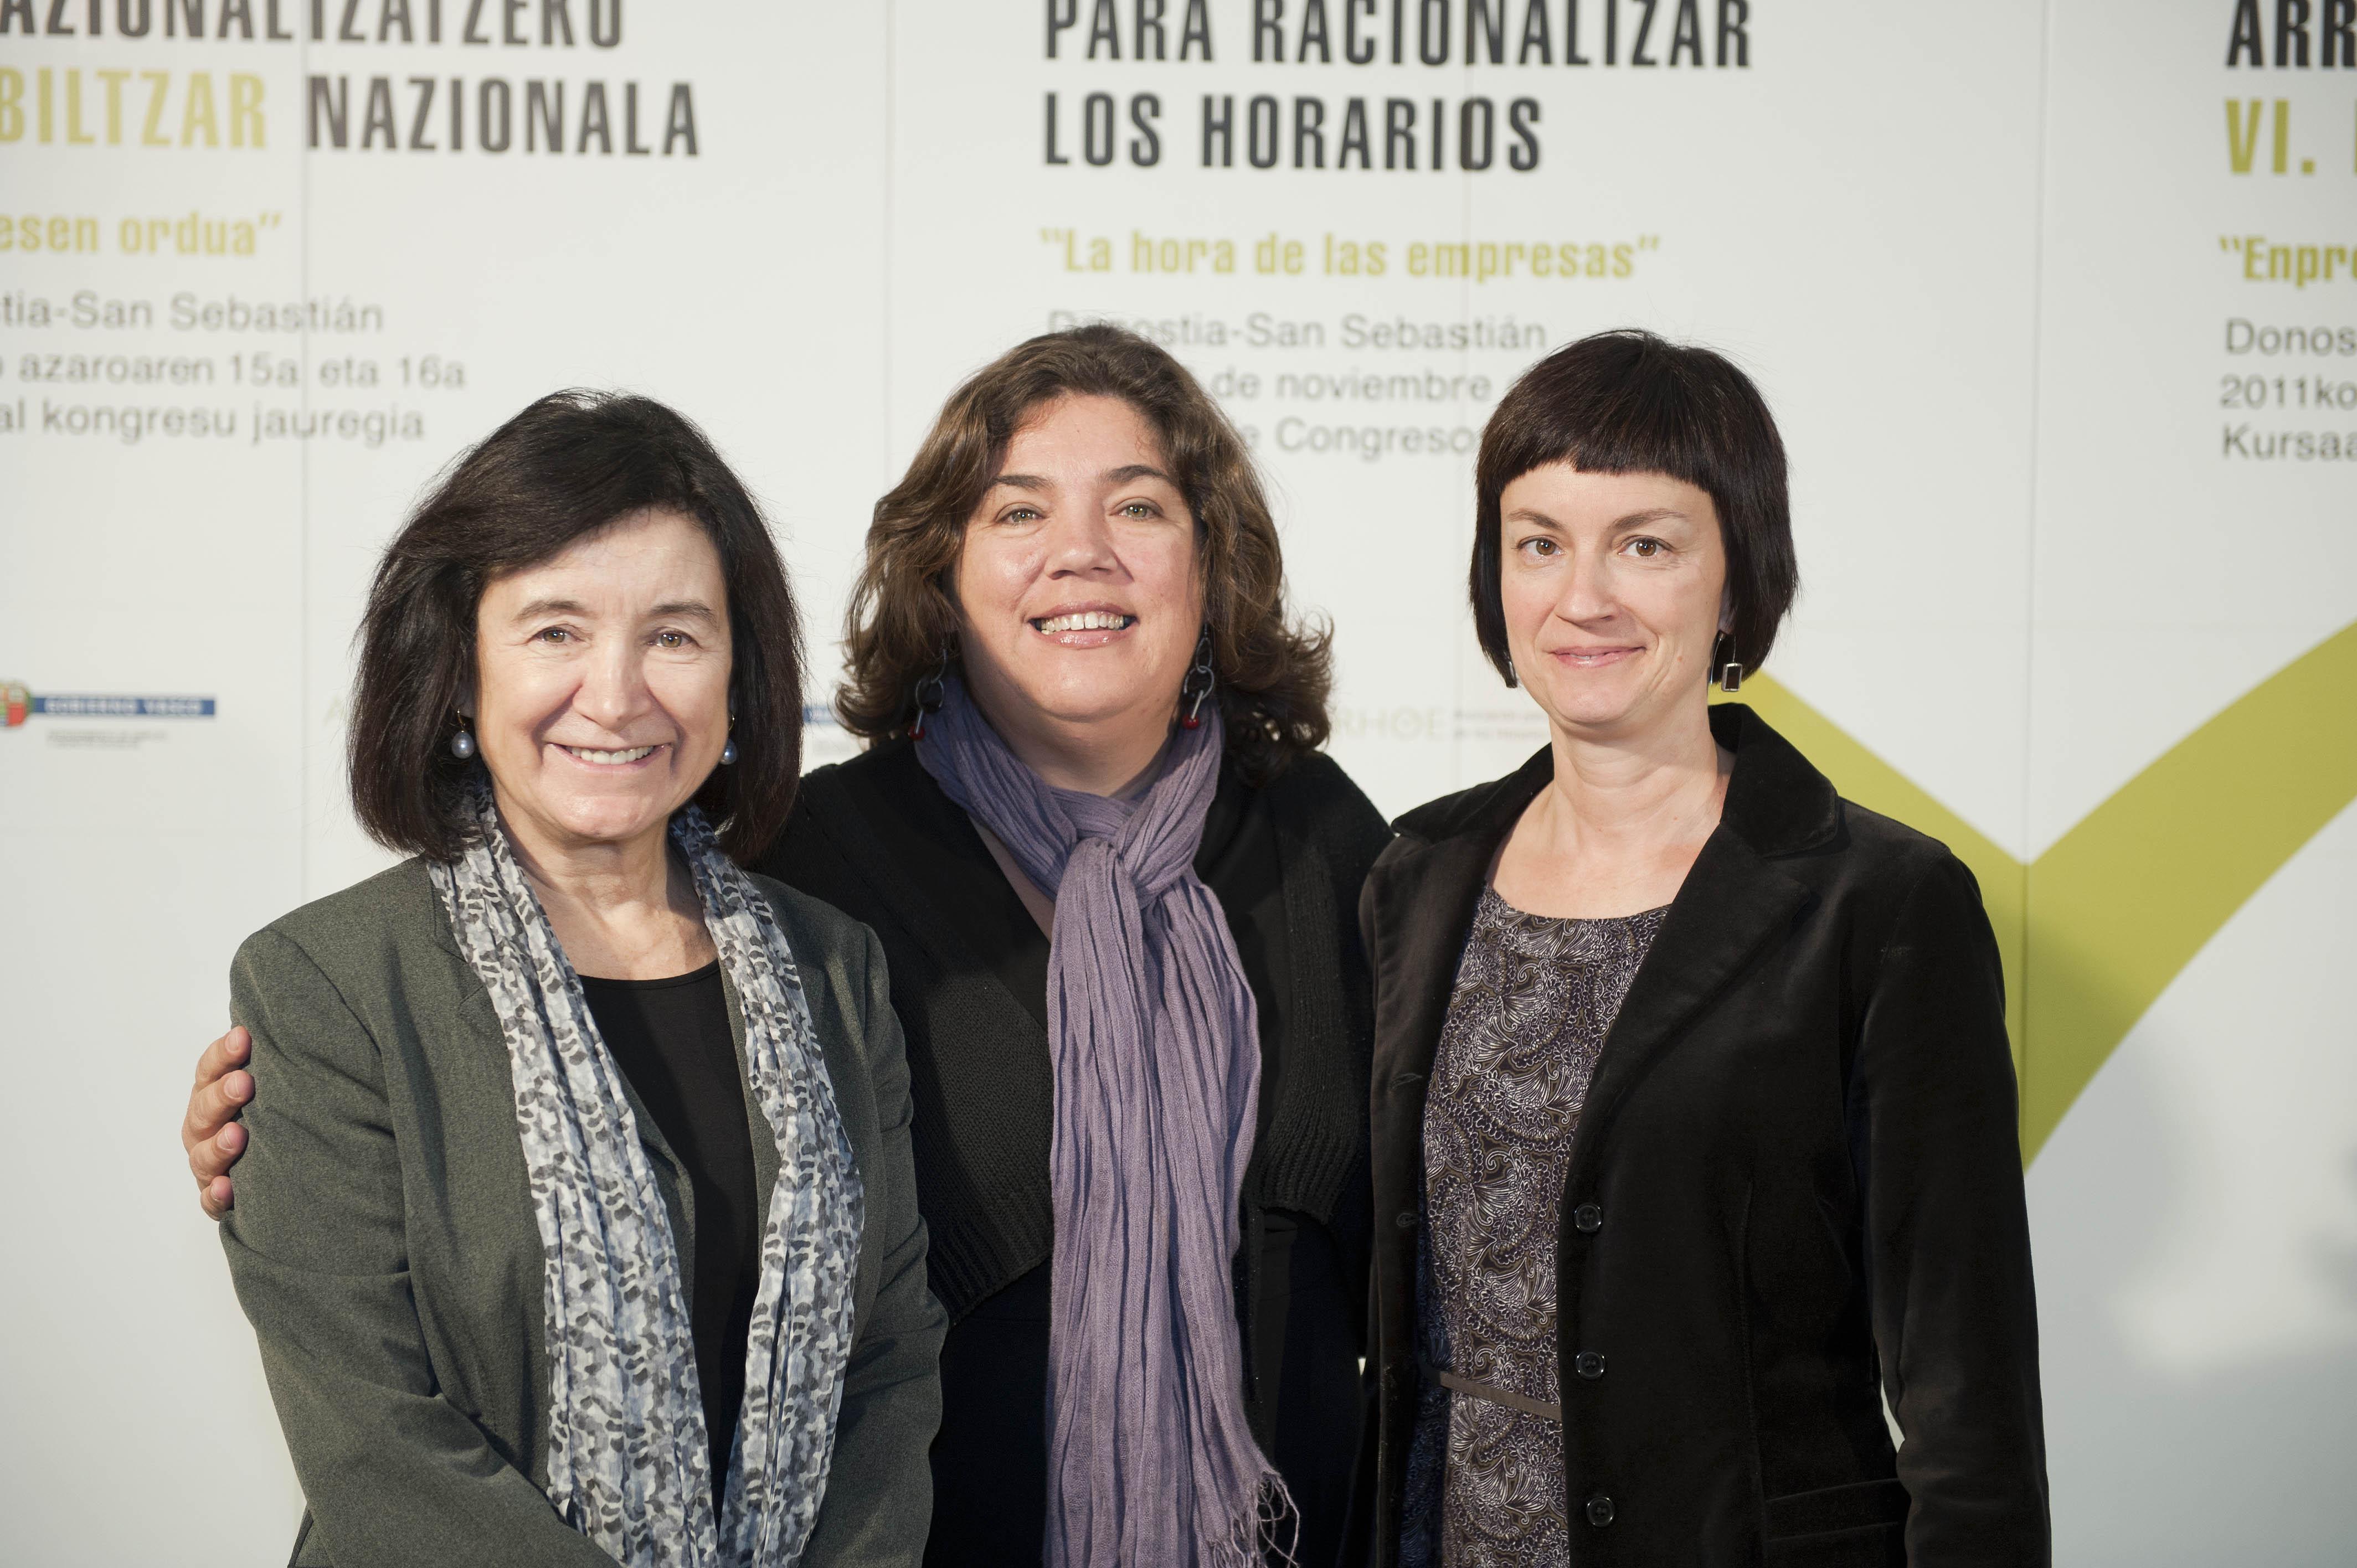 2011_11_15_zabaleta_congreso_racionalizar_horarios16.jpg